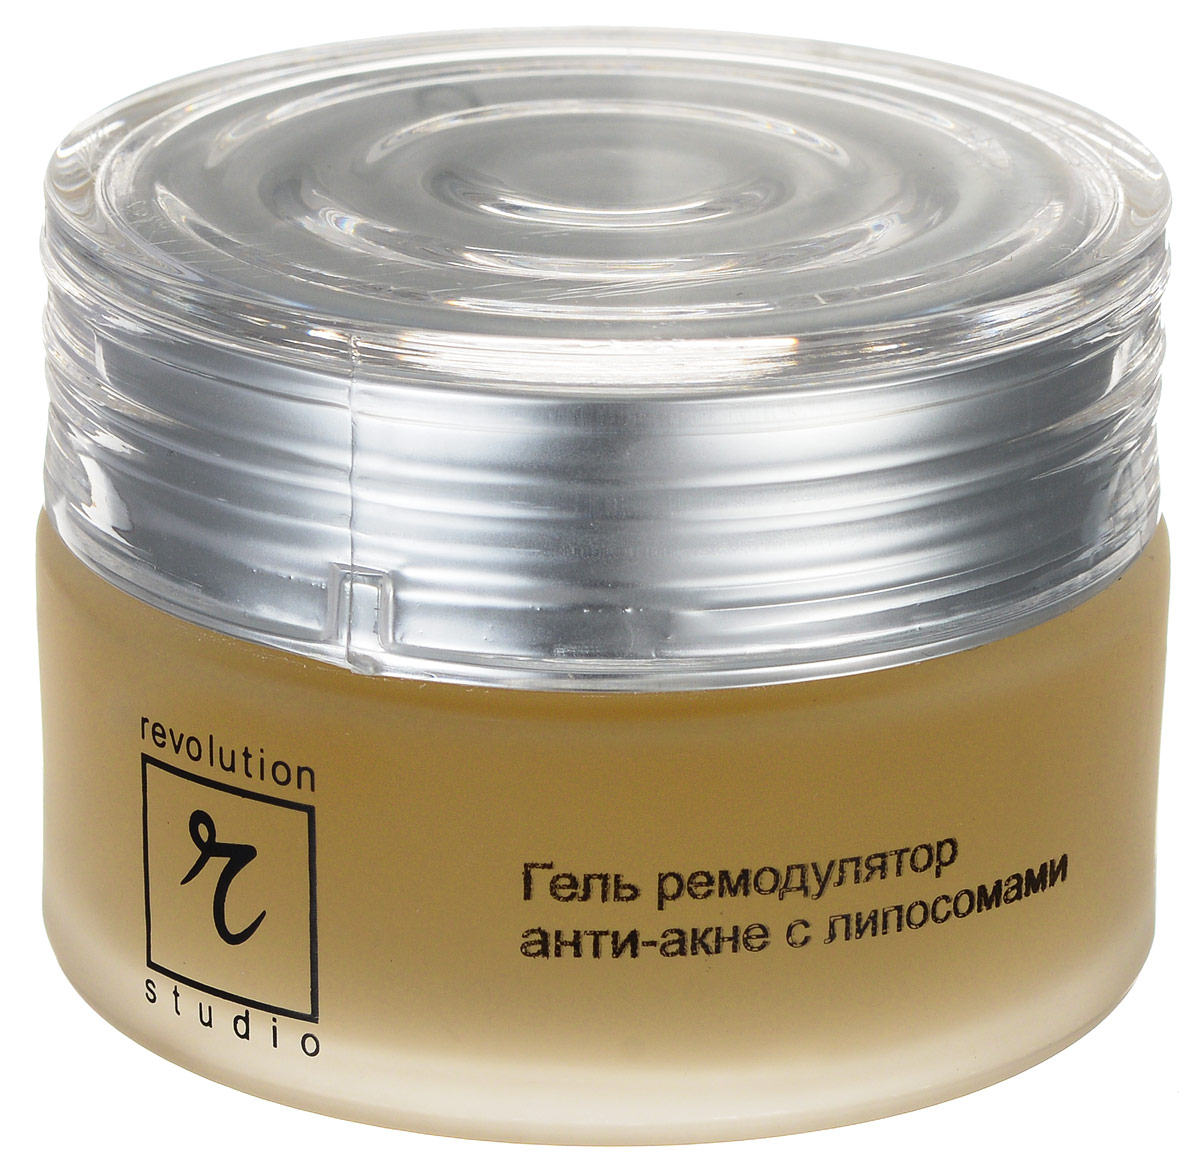 R-Studio Гель-ремодулятор анти-акне ночной с липосомами 50 мл1674 sГель-ремодулятор анти-акне ночной с липосомами - высокоэффективное предотвращение старения клеток кожи: глубоко проникает в кожу и эффективно воздействует на очаг воспаления;улучшает состояние и внешний вид кожи;приводит в норму ее влажность, жирность и эластичность;активизирует процесс регенерации кожи.